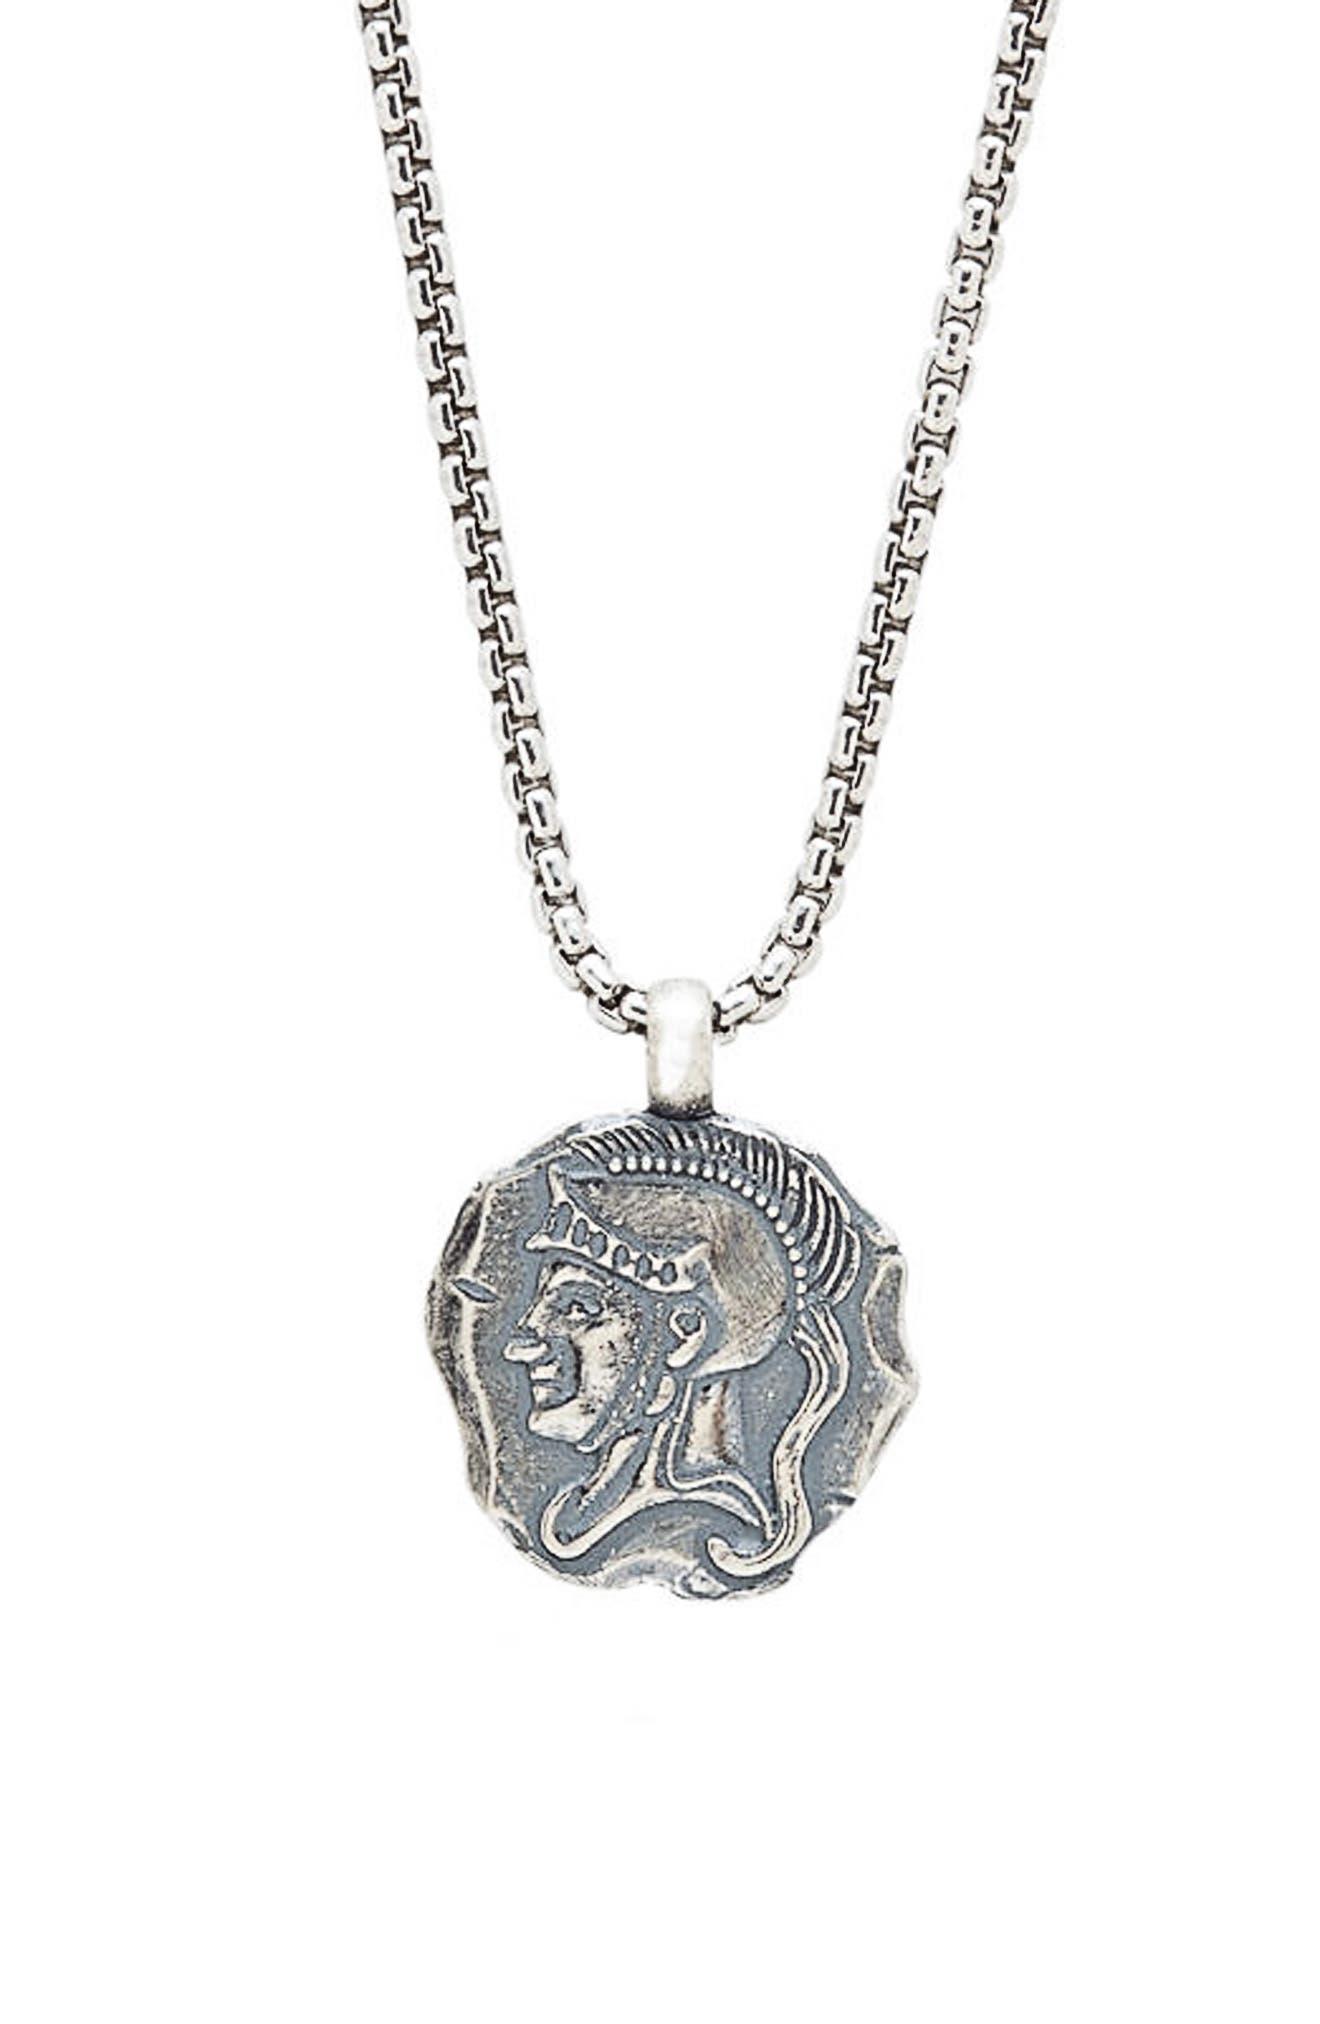 Degs & Sal Spartan Pendant Necklace